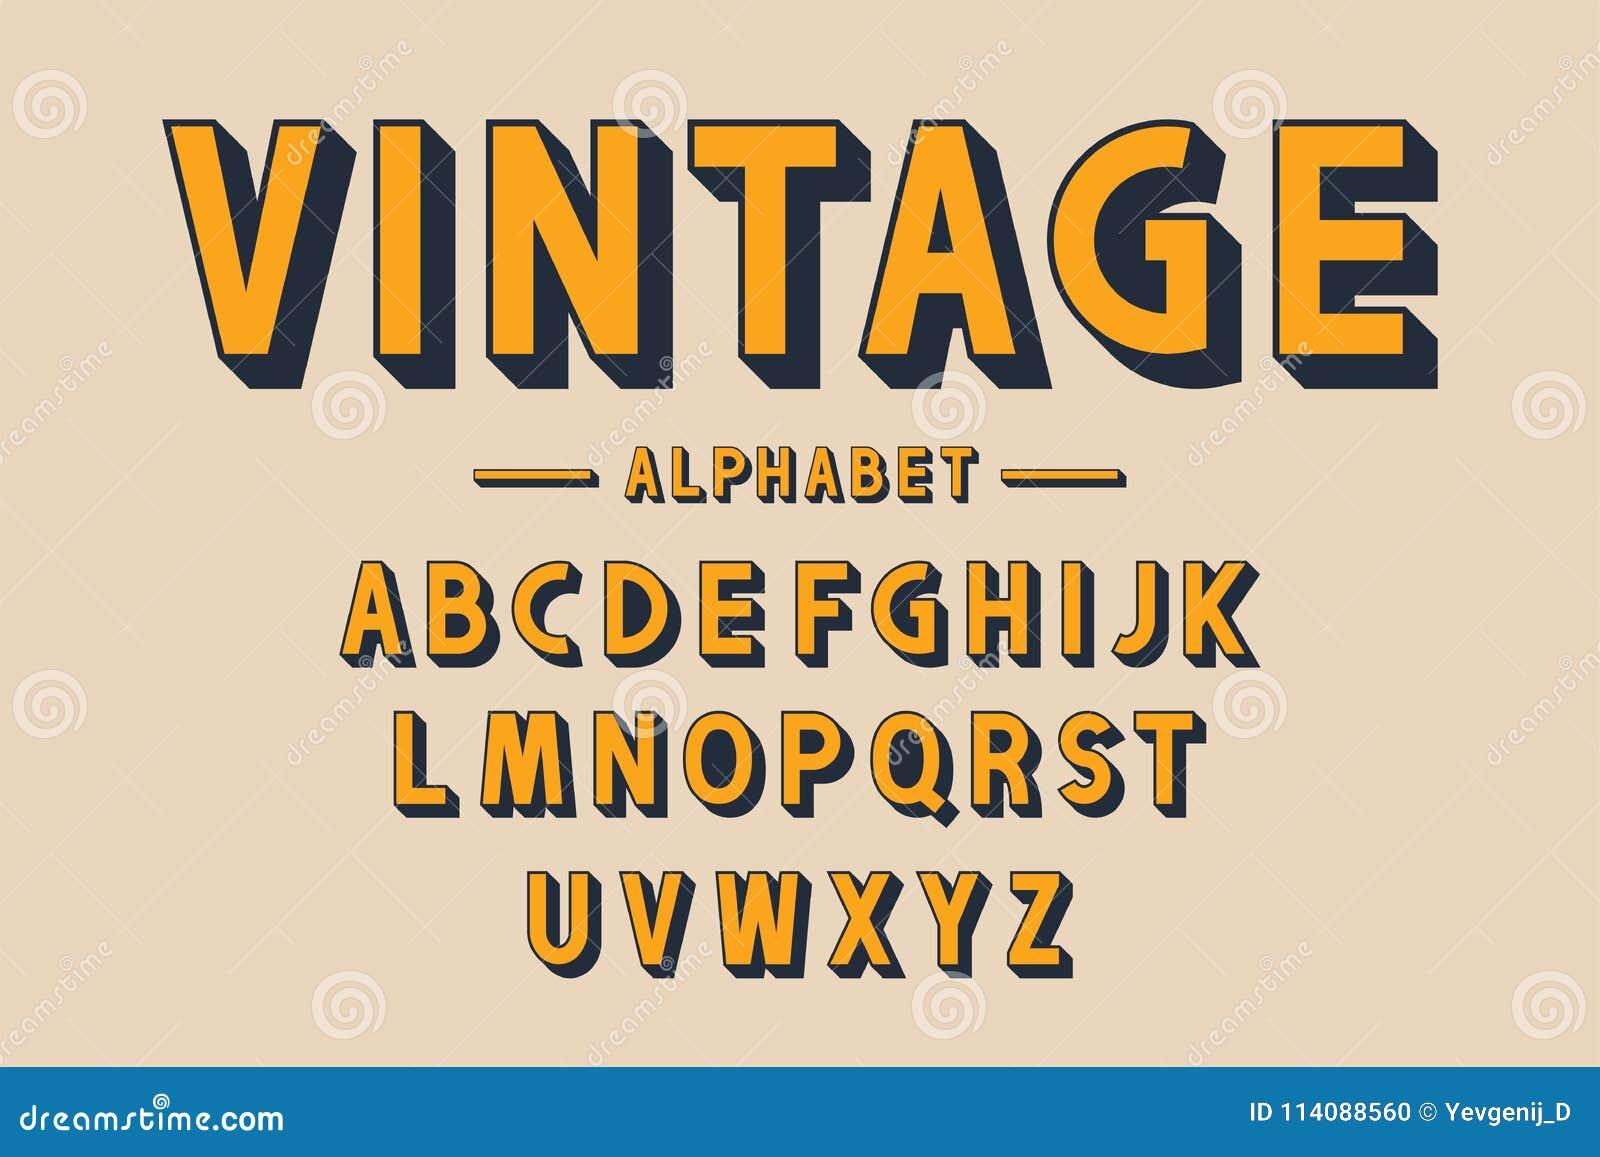 Stark Ansteigend 5 Buchstaben